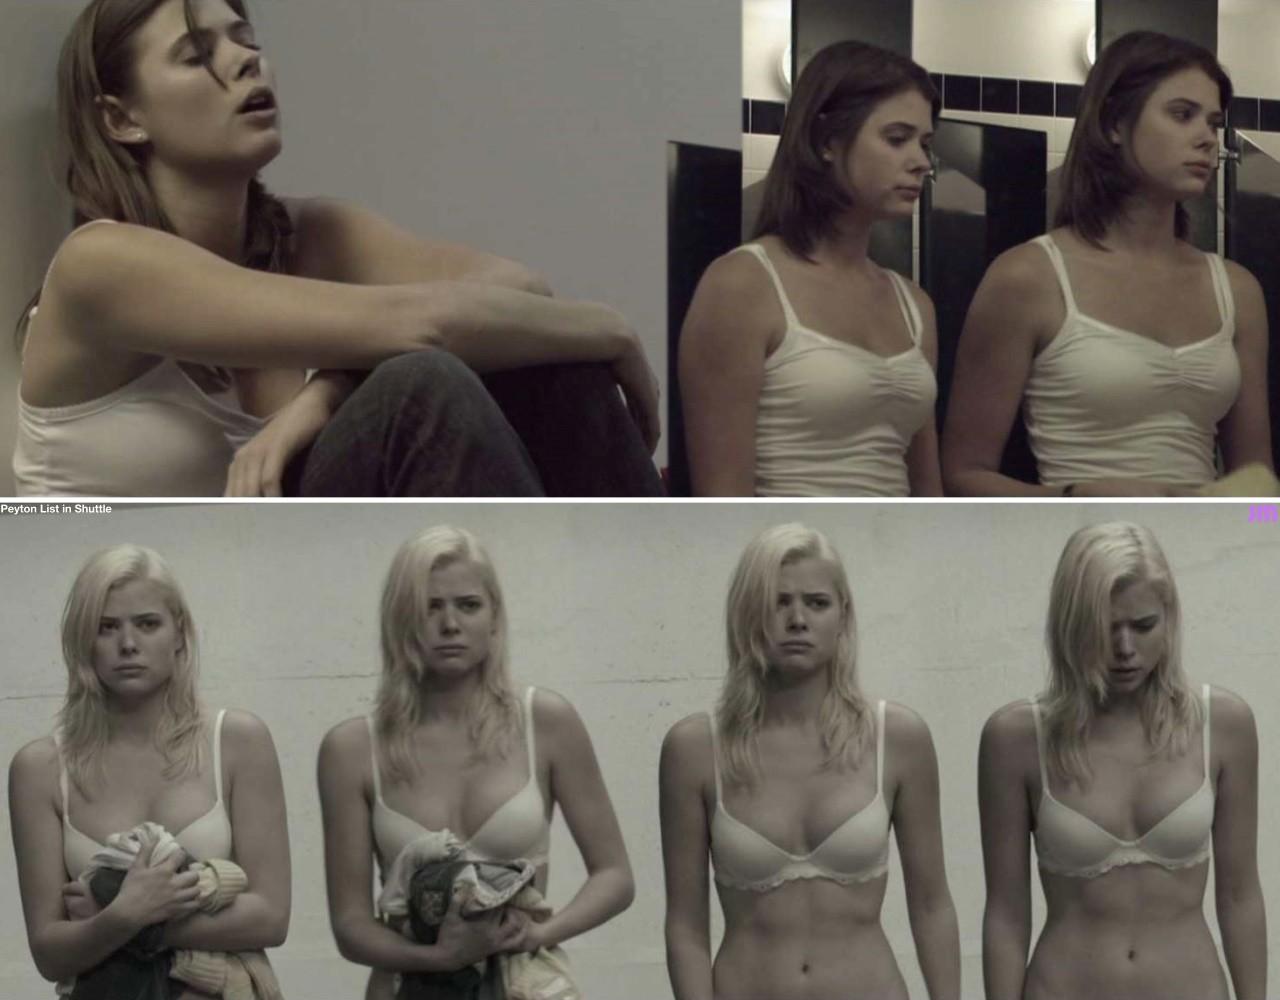 More celebrity nude